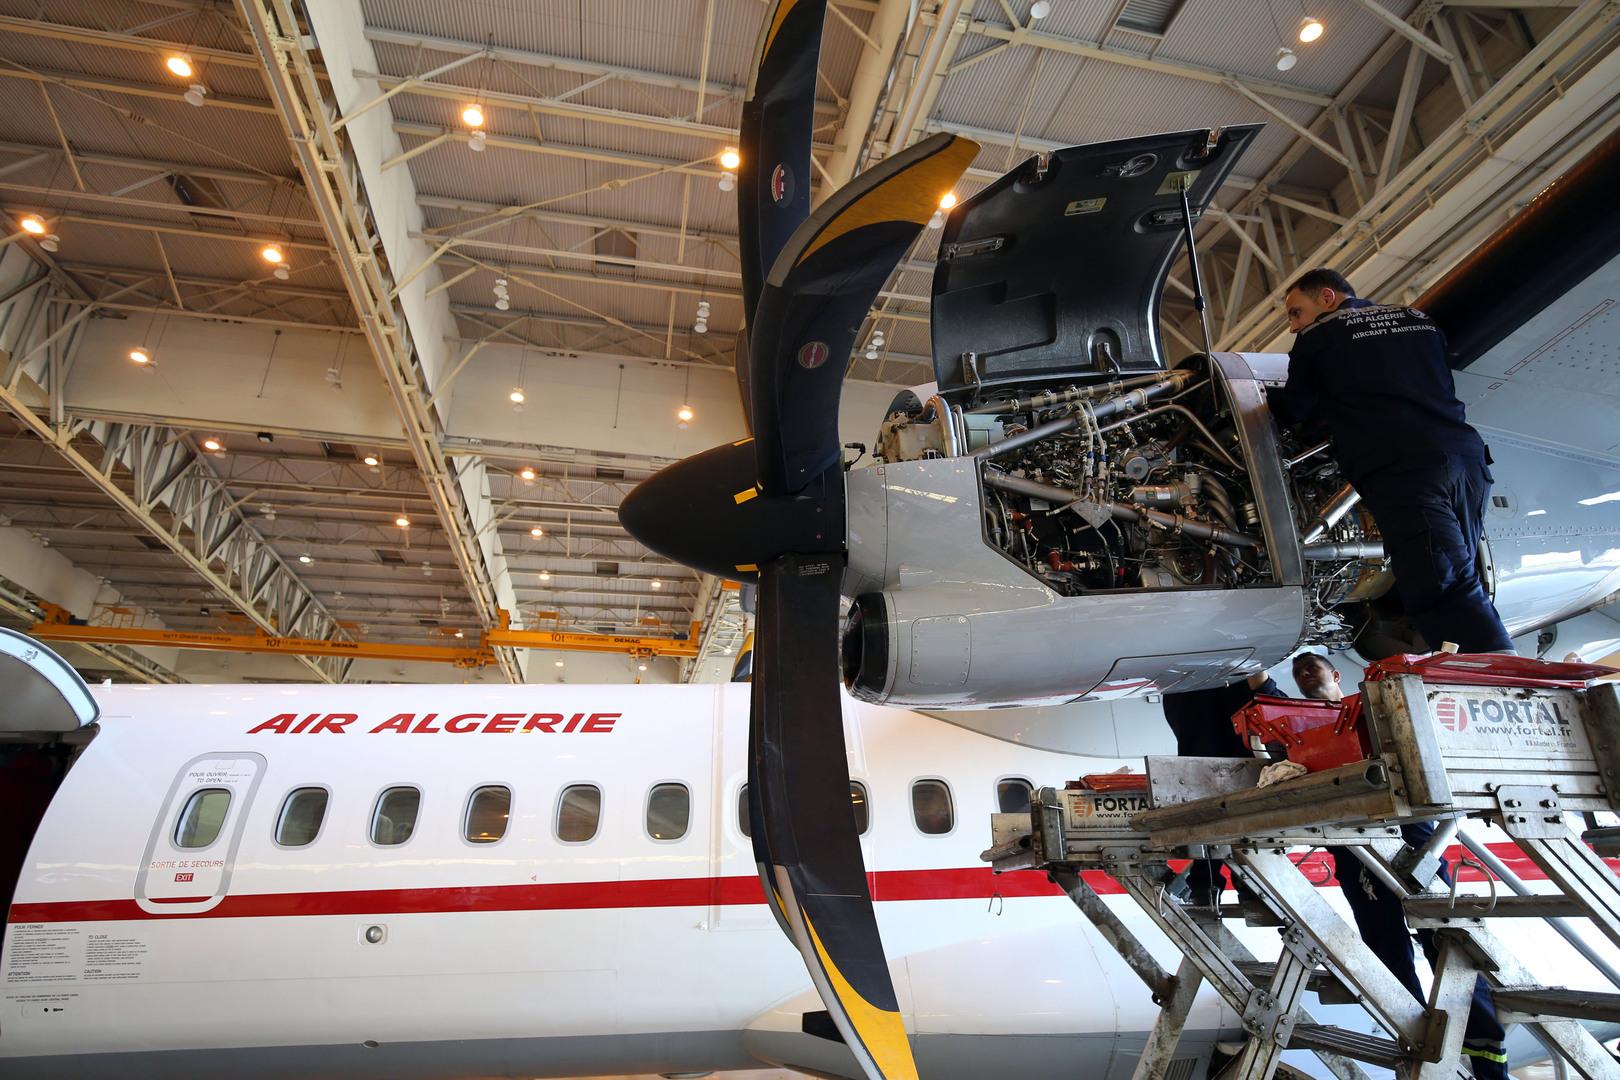 الخطوط الجوية الجزائرية توضح حقيقة سرقة 25 محرك طائرة وغلاء أسعار تذاكرها